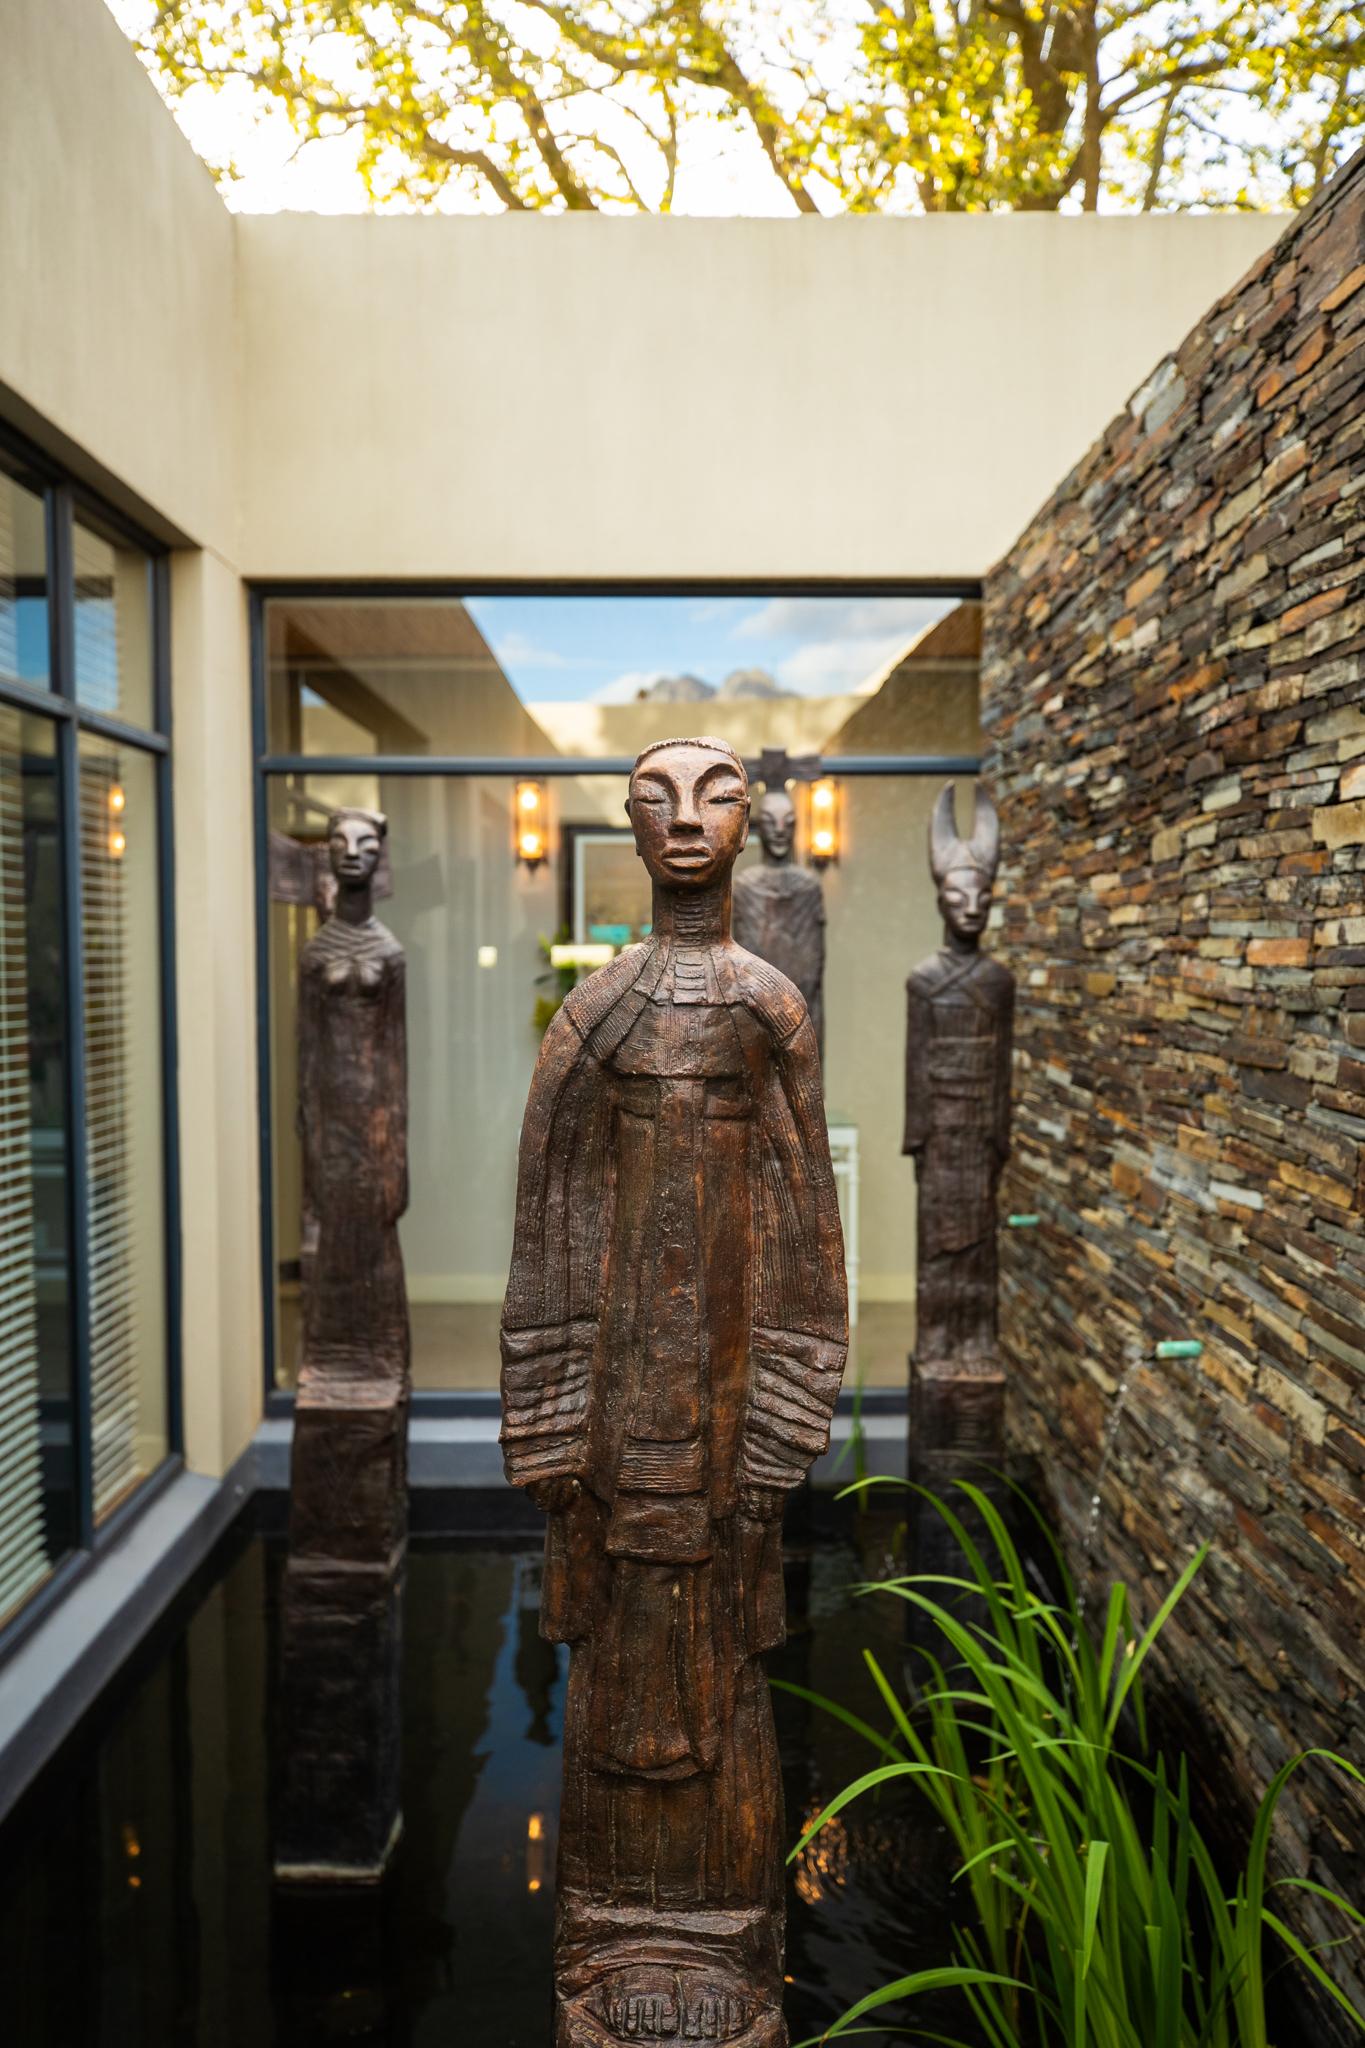 Deborah Bell sculptures grace the koi ponds at Delaire Graff Spa